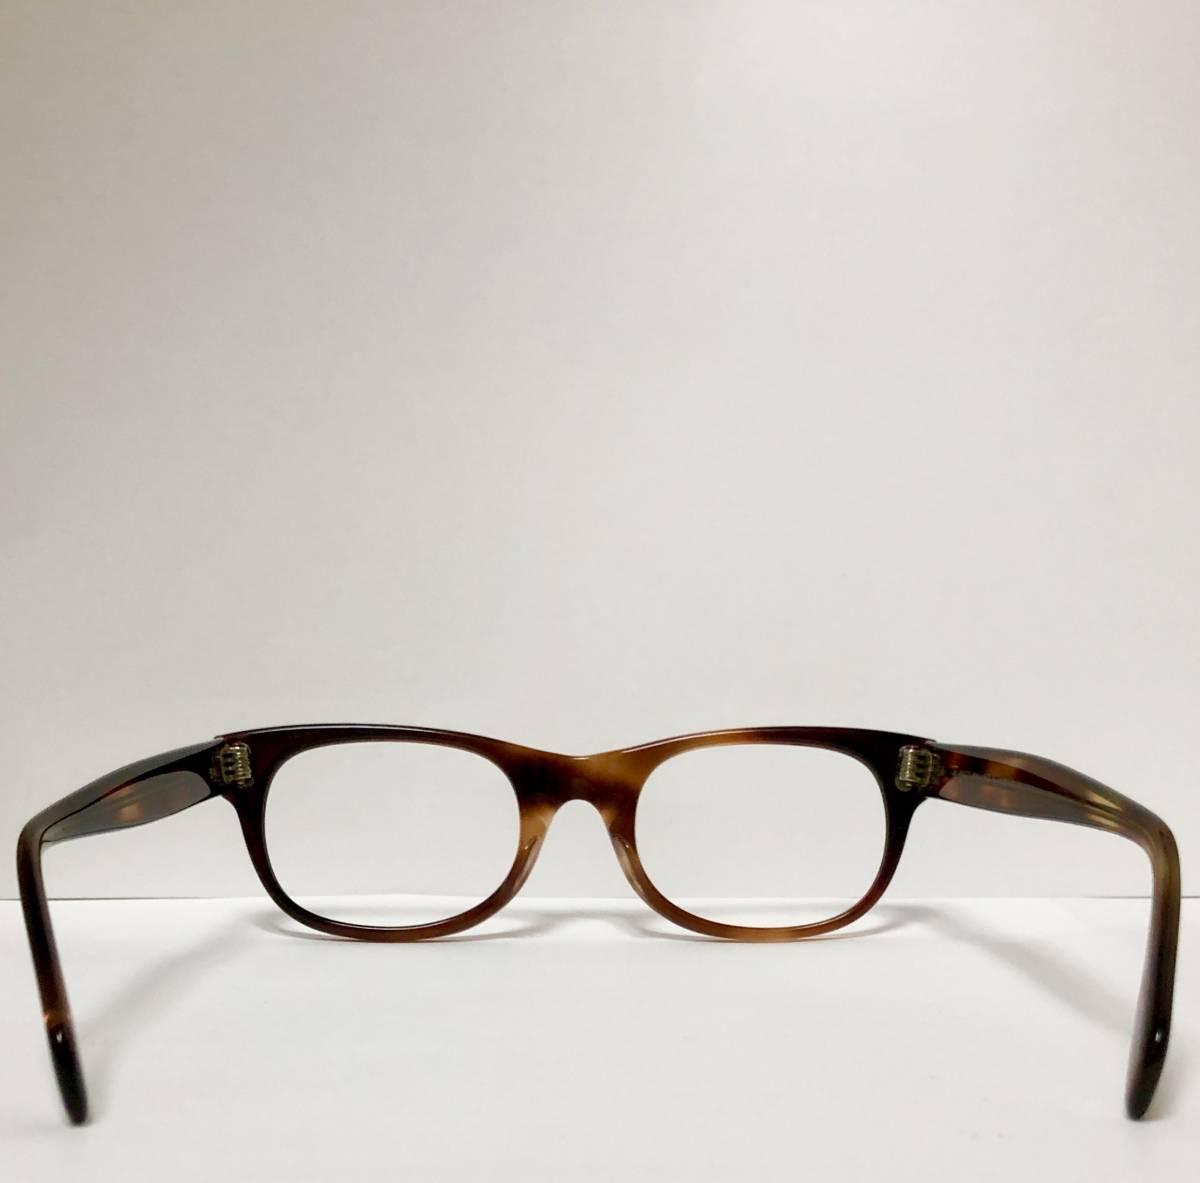 新品・1960年代頃】アメリカンオプティカル AO All純正 メガネ American Optical アンバー 米国製 ビンテージ ヴィンテージ _画像8